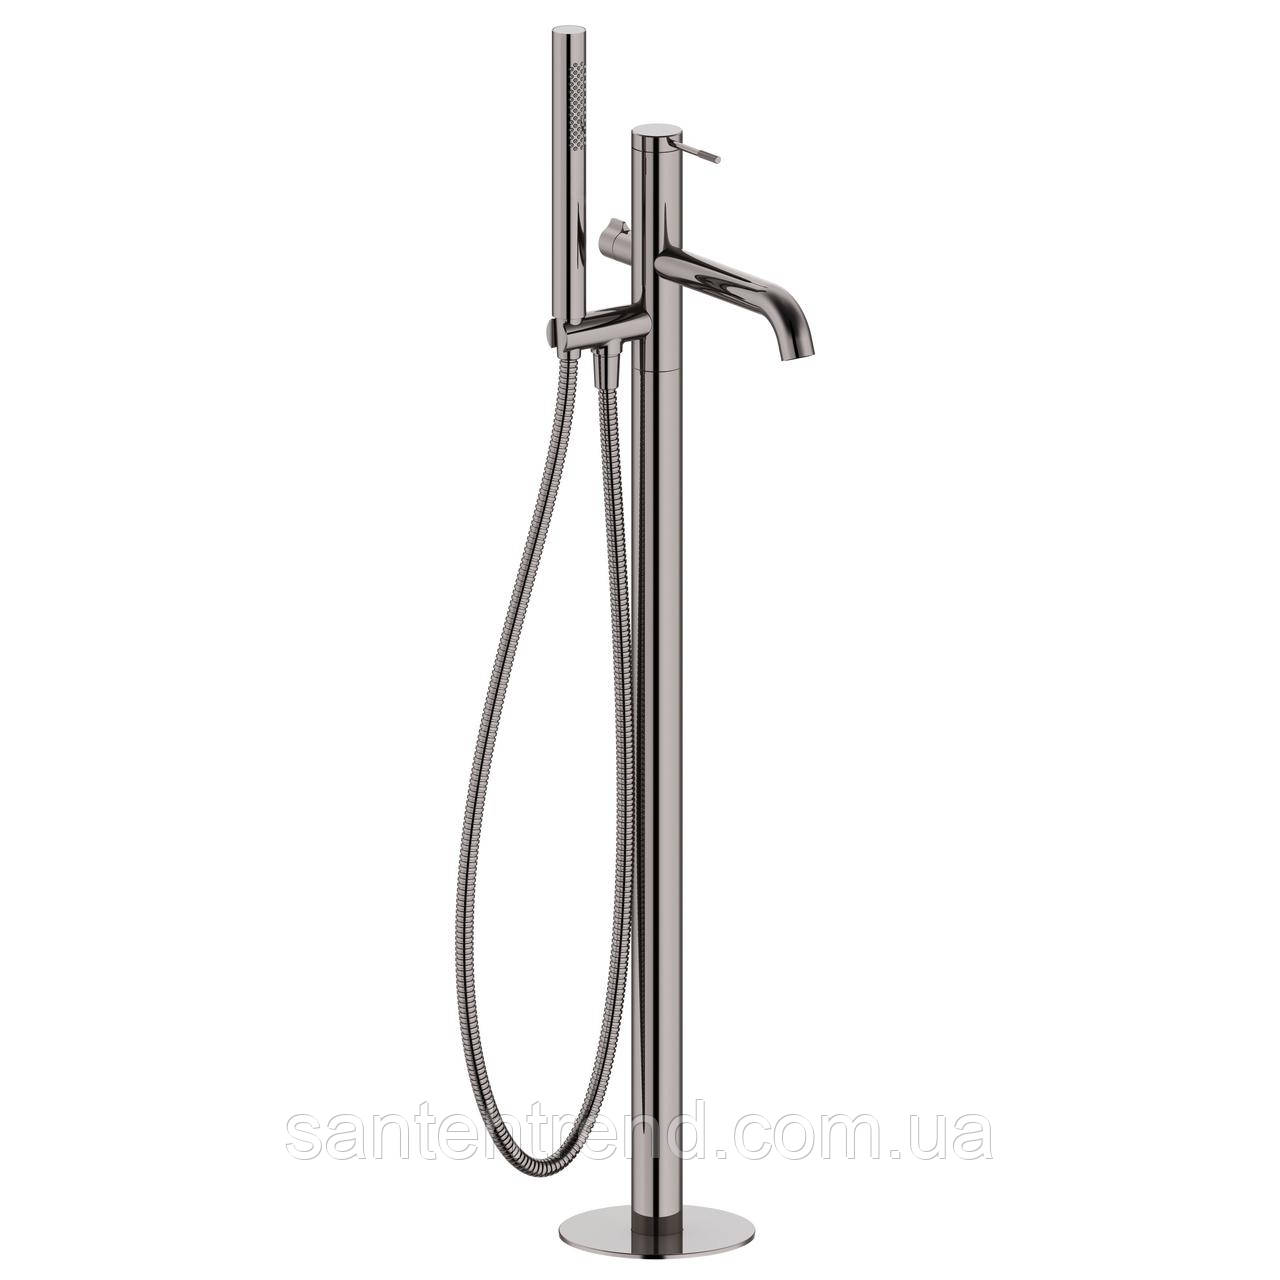 BRENTA змішувач для ванни окремостоячий, граф.хром, 35 мм